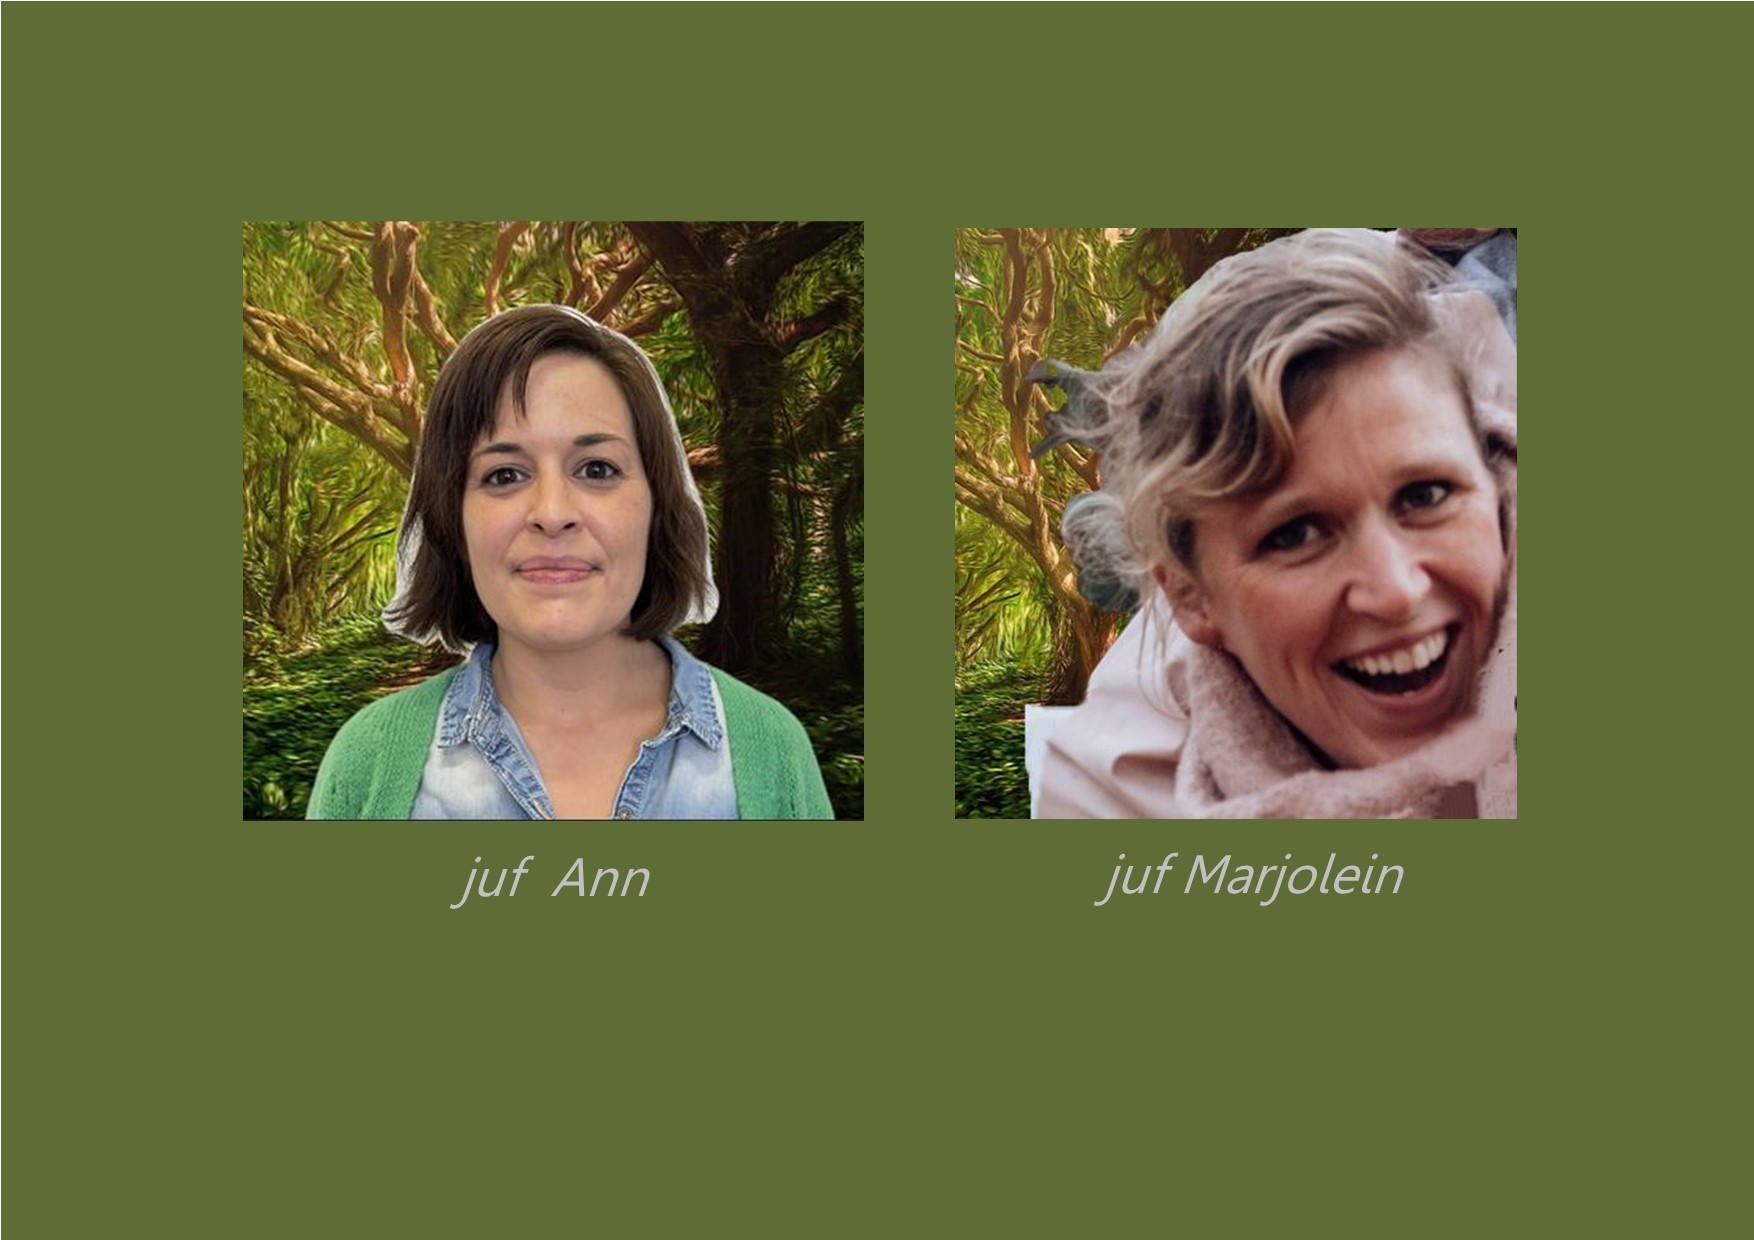 <p>taalondersteunend: juf Ann<br />'Bijsprong': juf Marjolein</p>